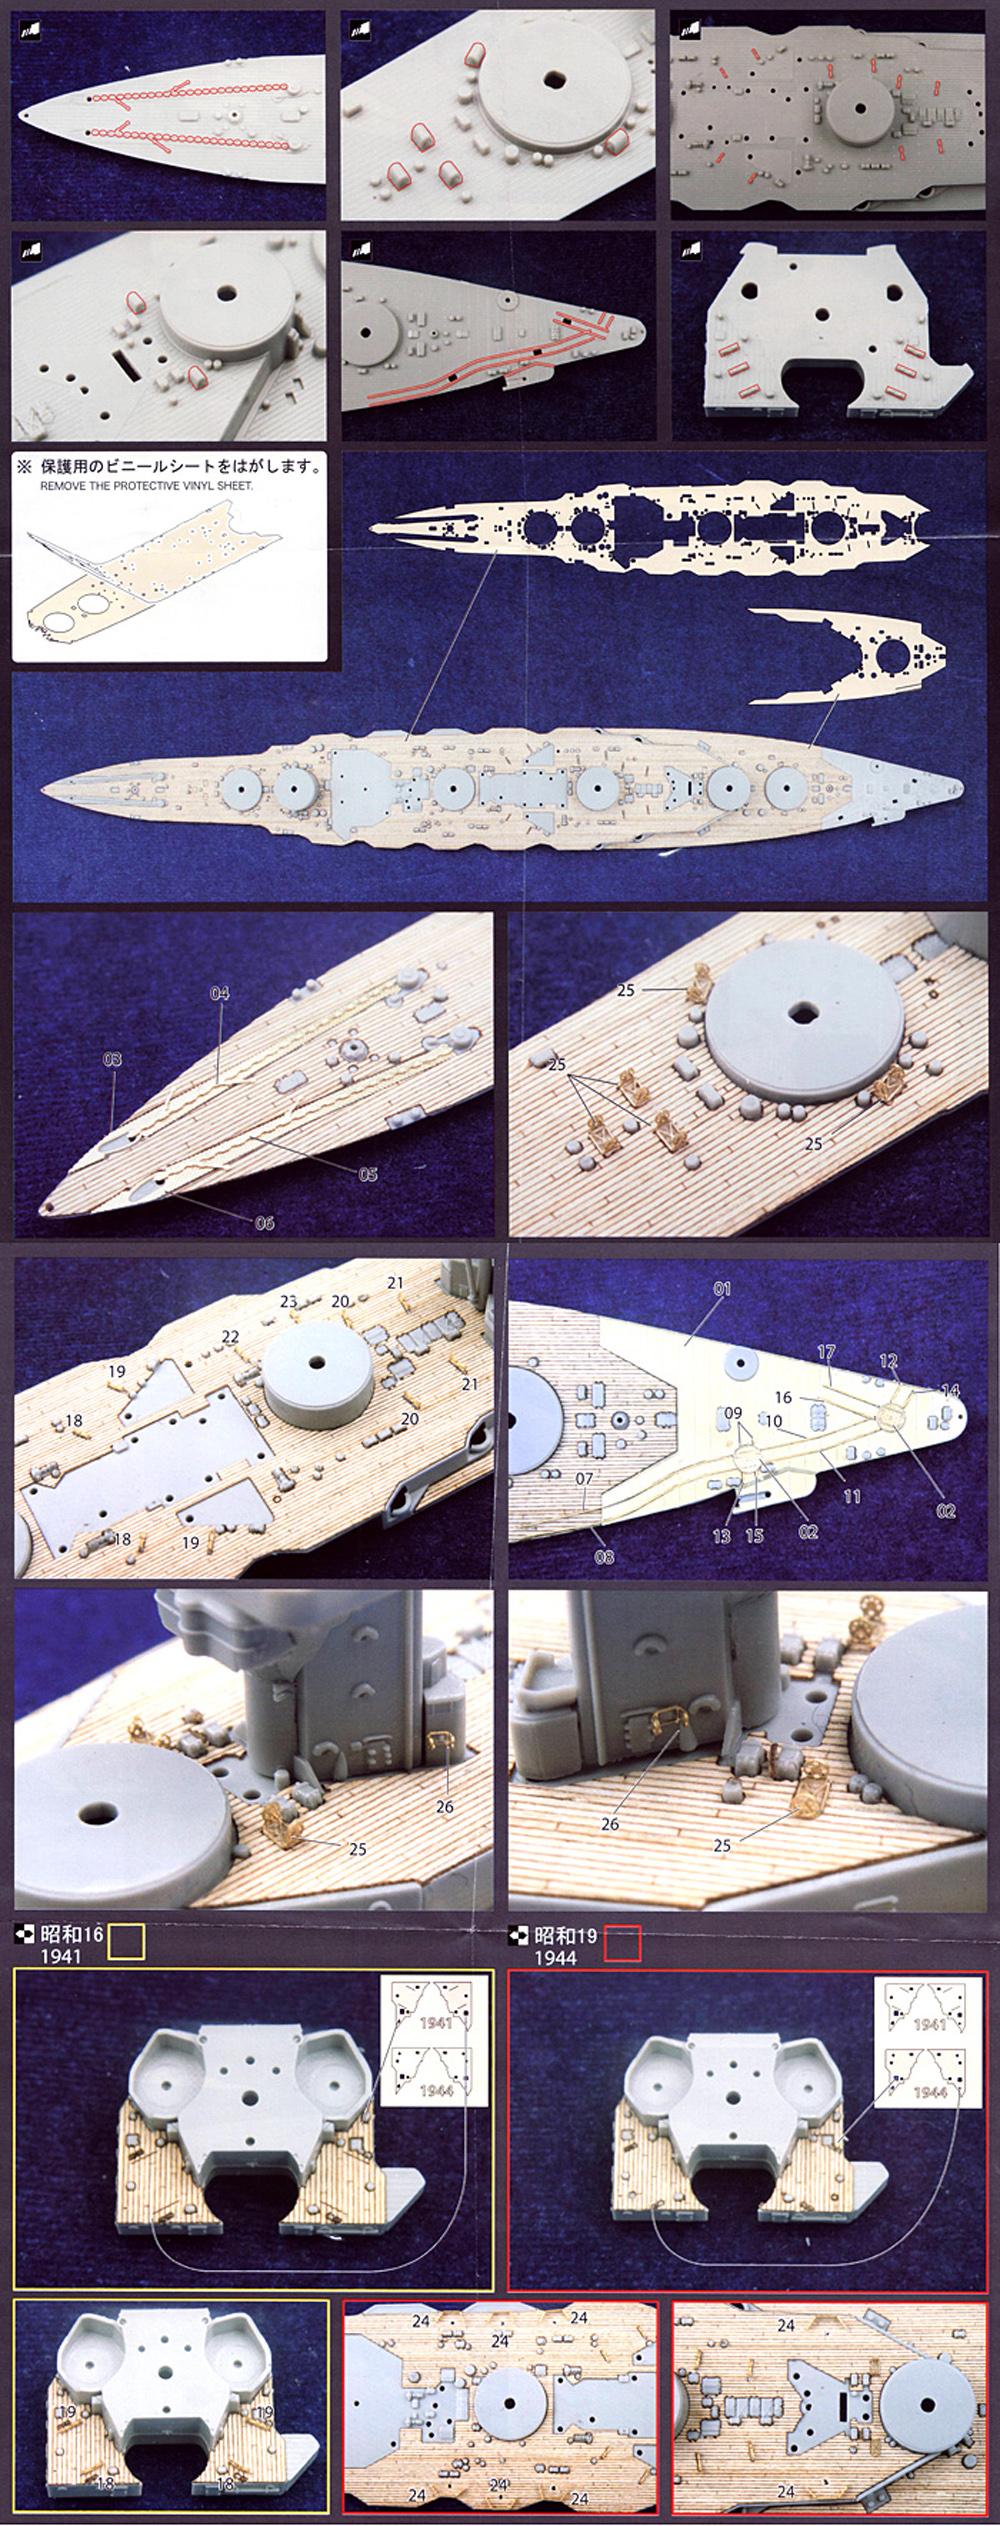 日本海軍 戦艦 扶桑 木甲板シール & 艦名プレート甲板シート(フジミ1/700 艦船模型用グレードアップパーツNo.特067EX-101)商品画像_2